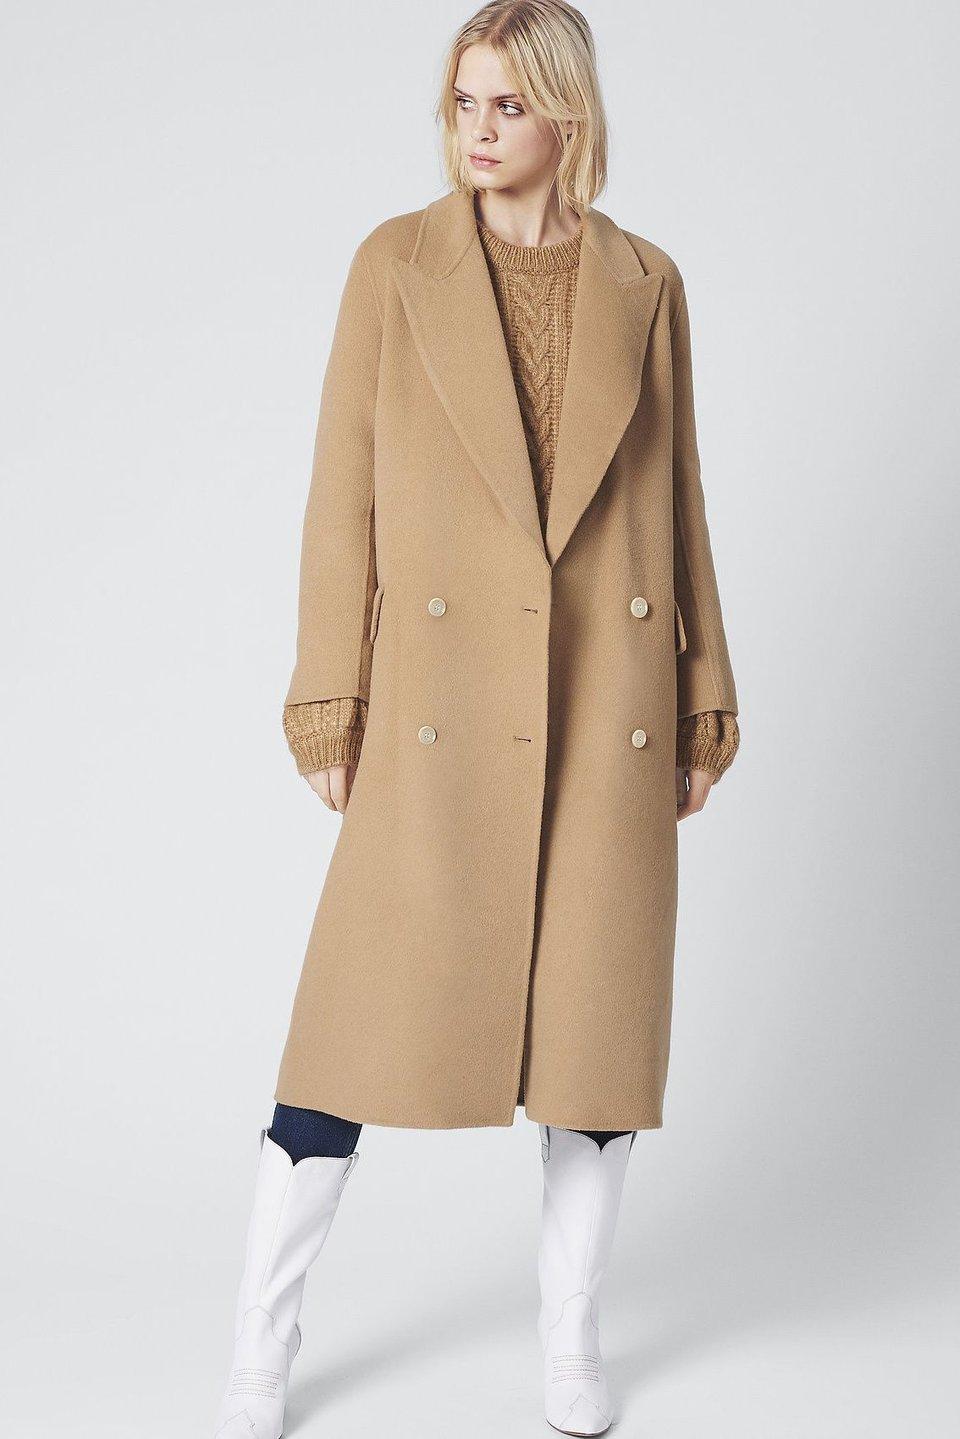 LeaGZ Coat - Camel